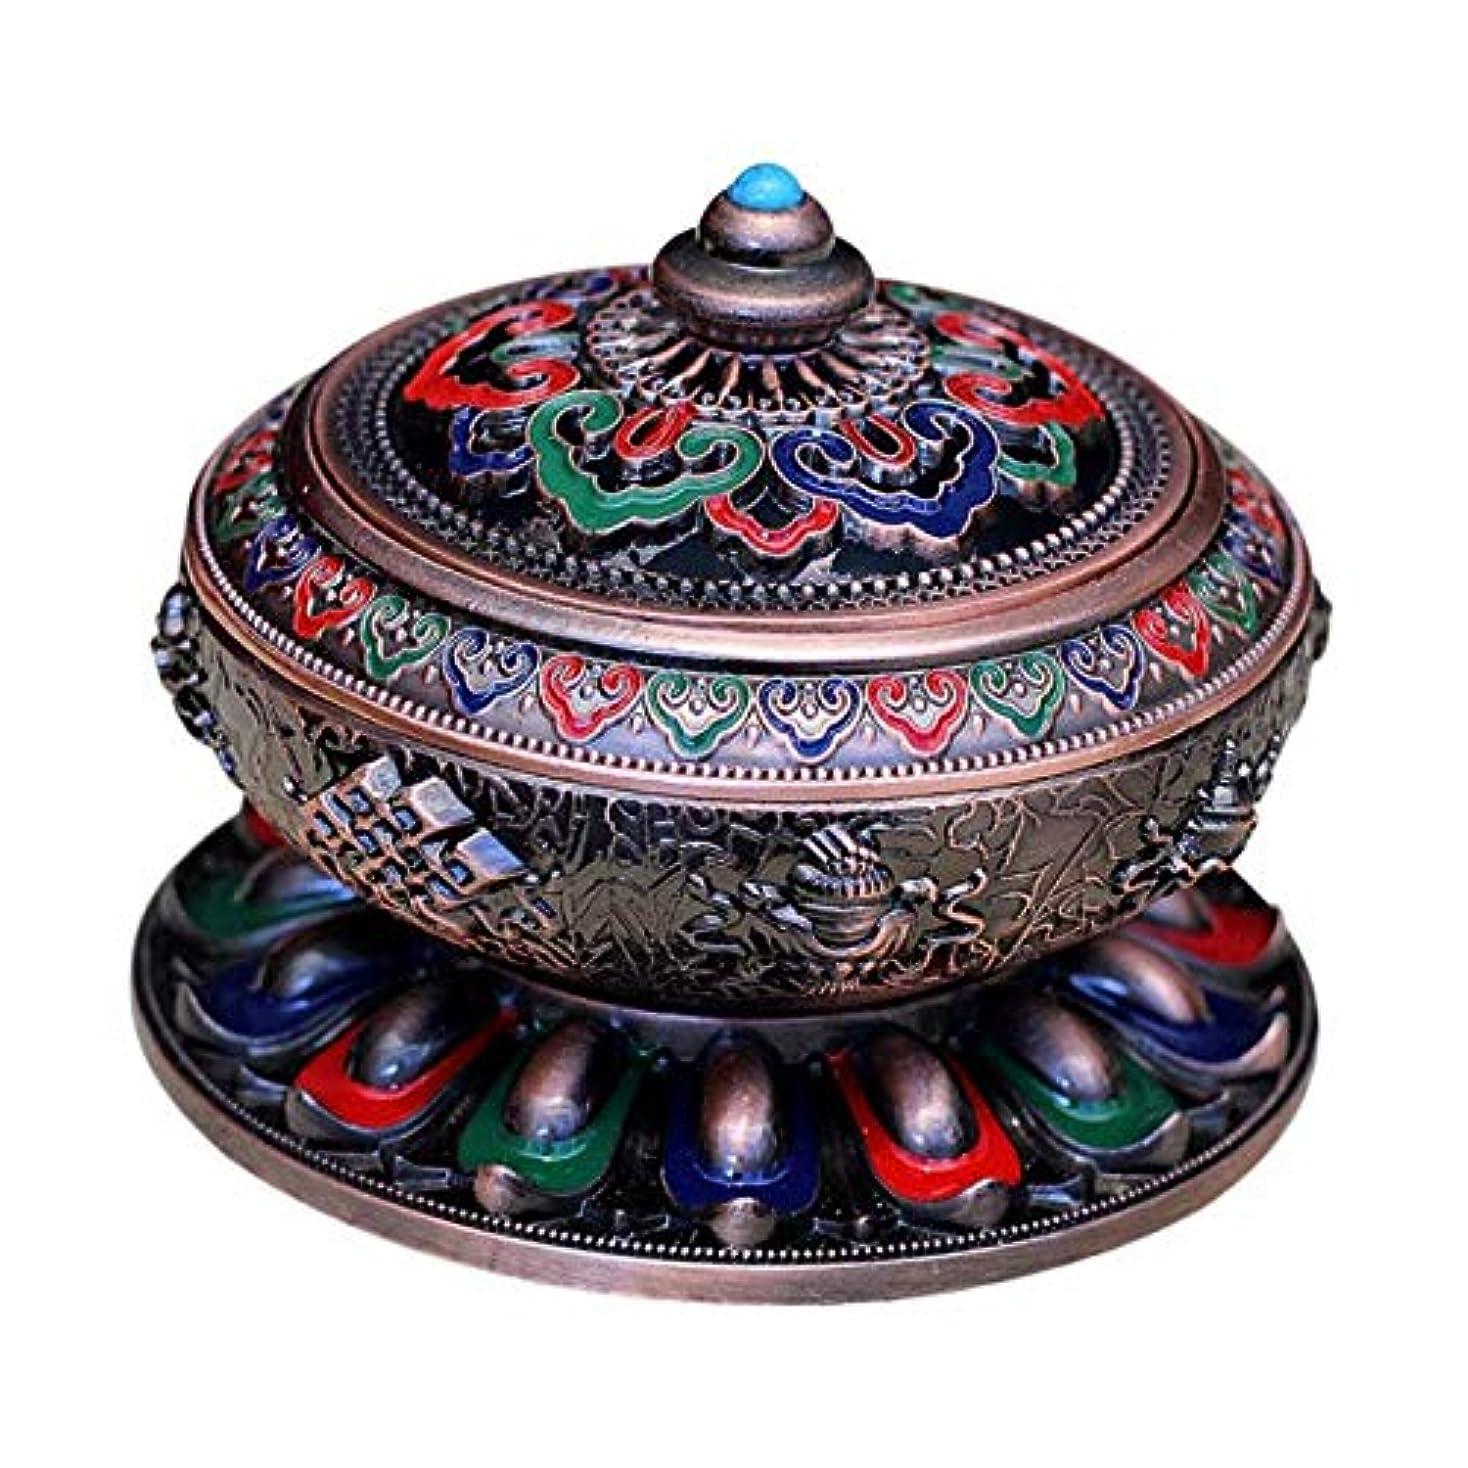 乳製品開示する台無しに香炉 アンティーク 仏教 コーン 香りバーナー 丸香炉 癒しグッズ 琺瑯工芸 全3色 - 赤